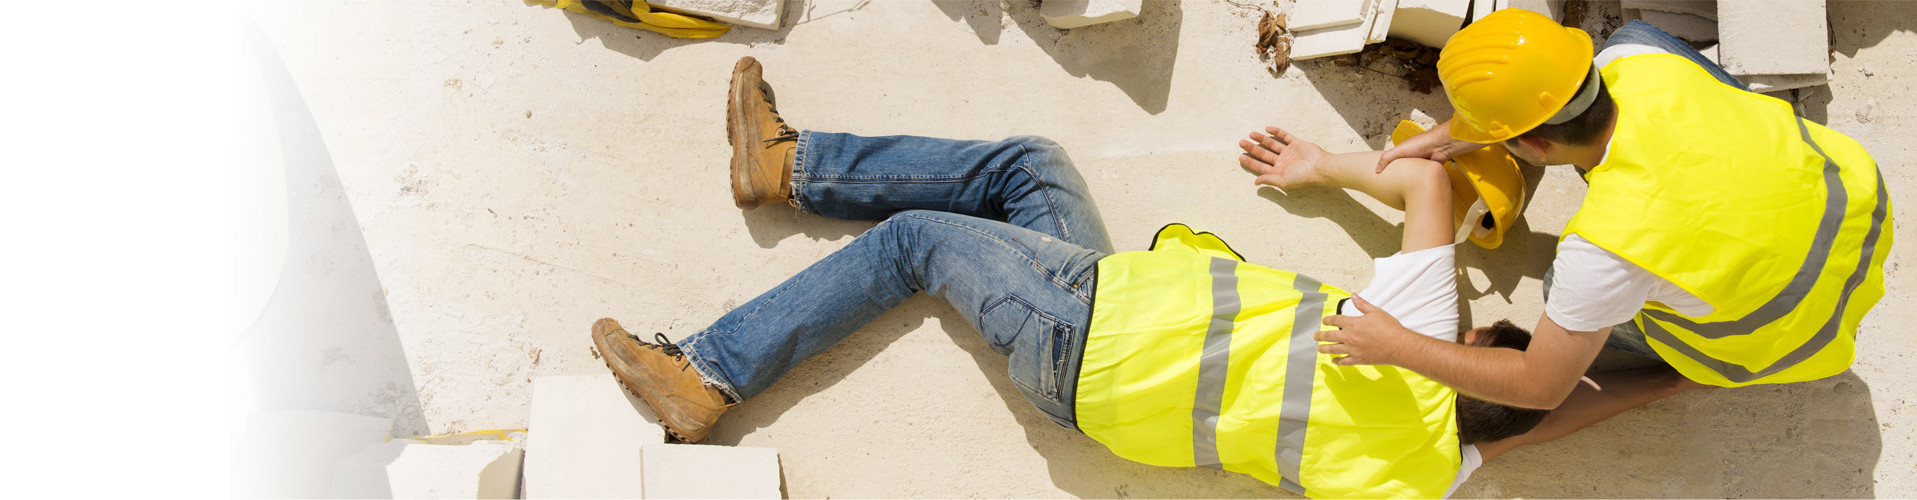 Ein Arbeiter auf der Baustelle beugt sich über einen zweiten Arbeiter, der am Boden liegt © Halfpoint, stock.adobe.com